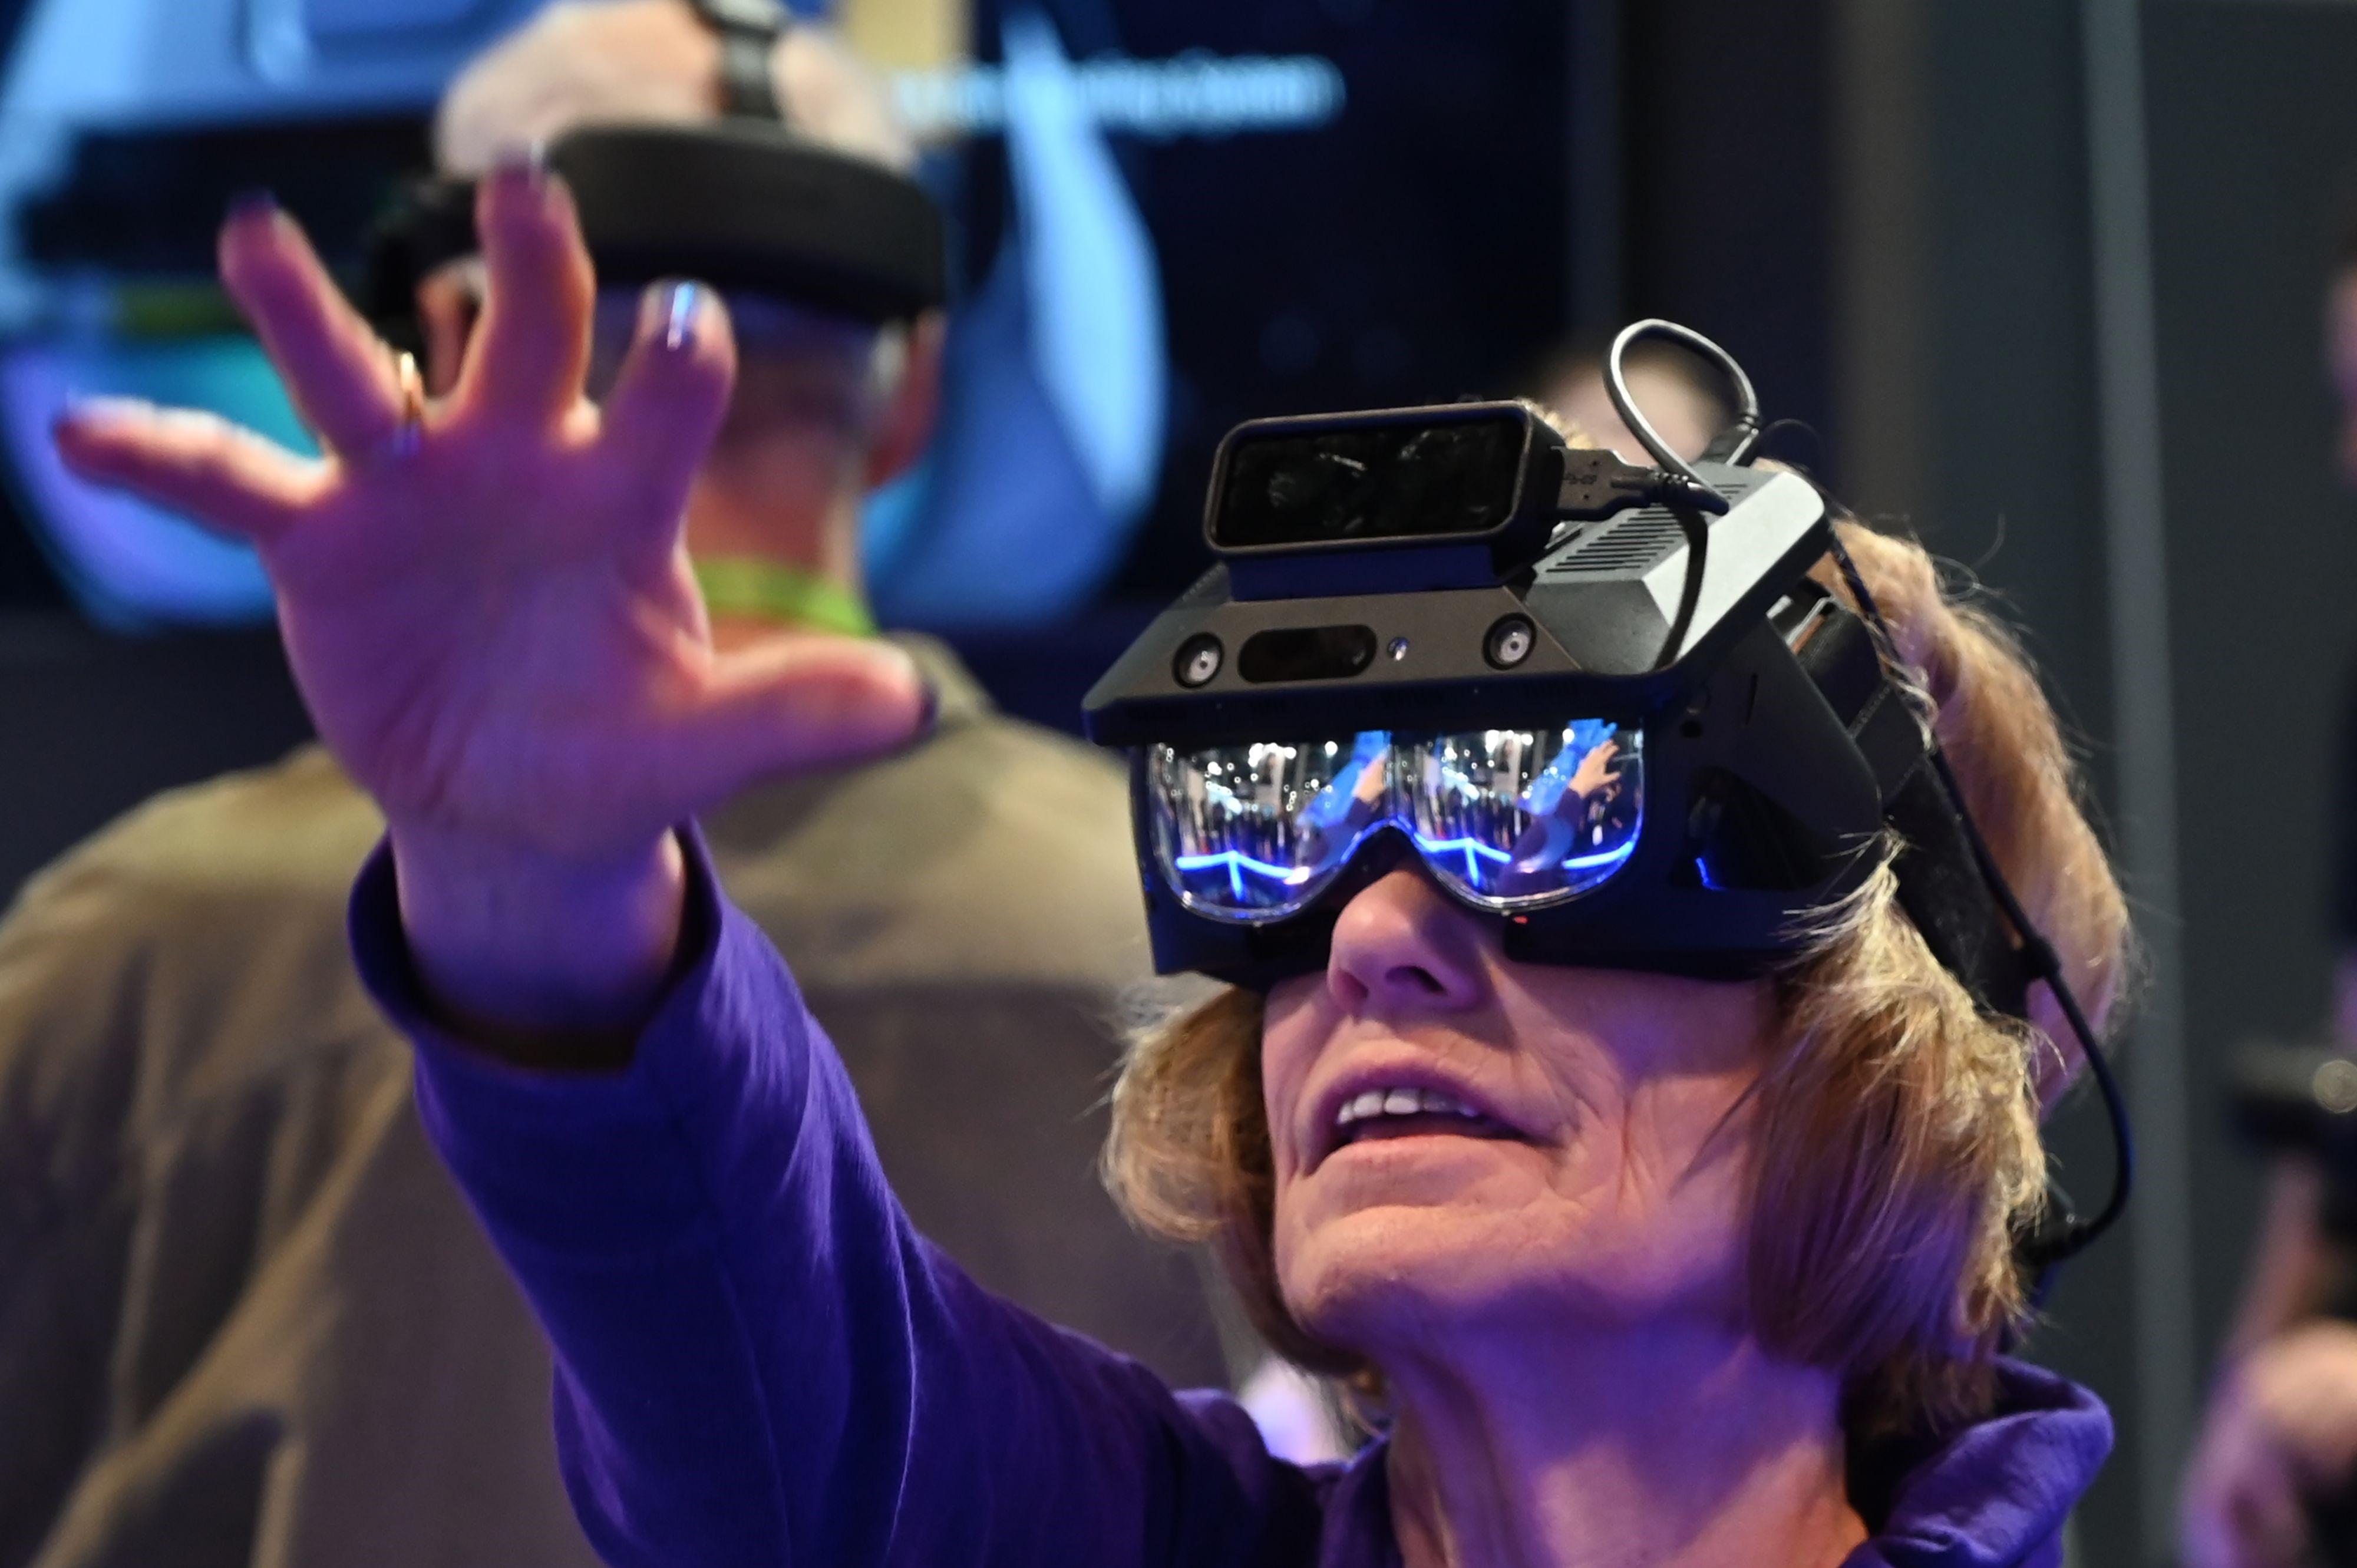 La realidad aumentada y otros dispositivos tecnológicos tienen demanda para los adultos mayores. (Foto, Prensa Libre: AFP).